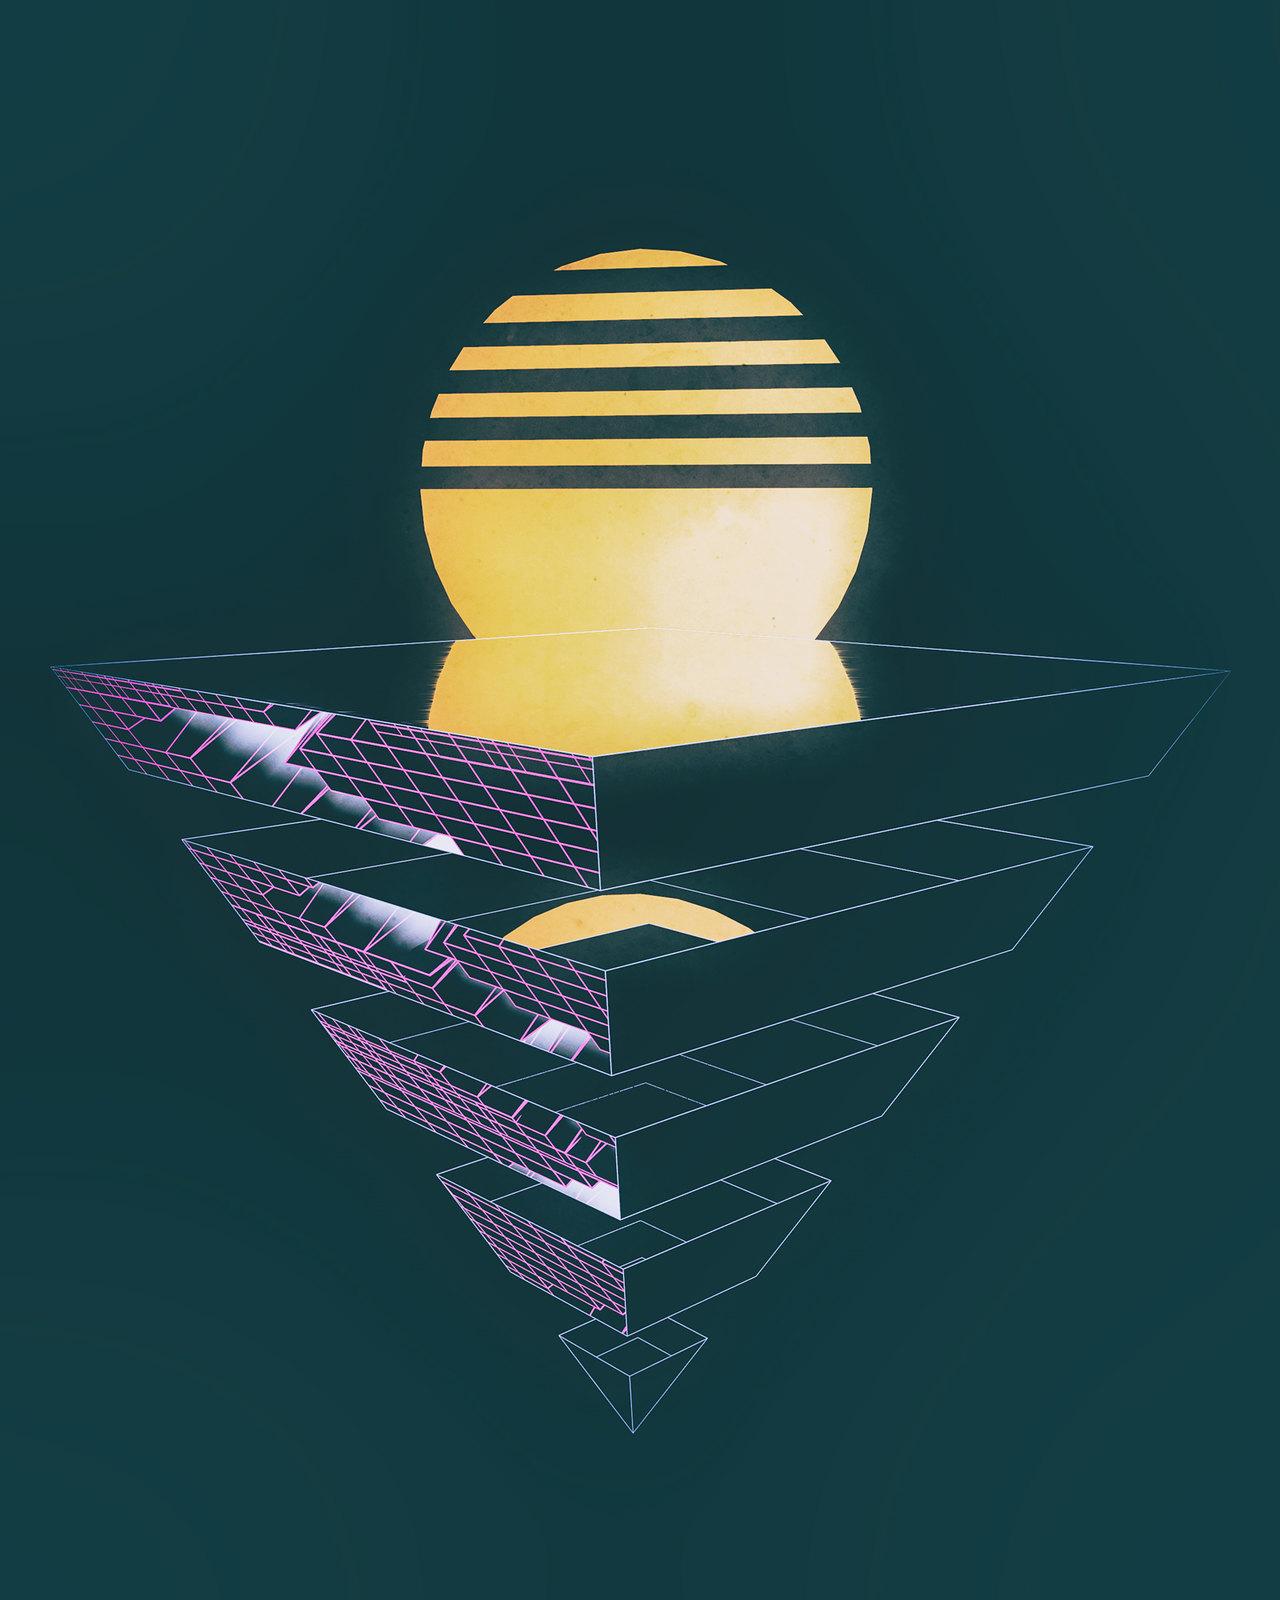 pyramid-80